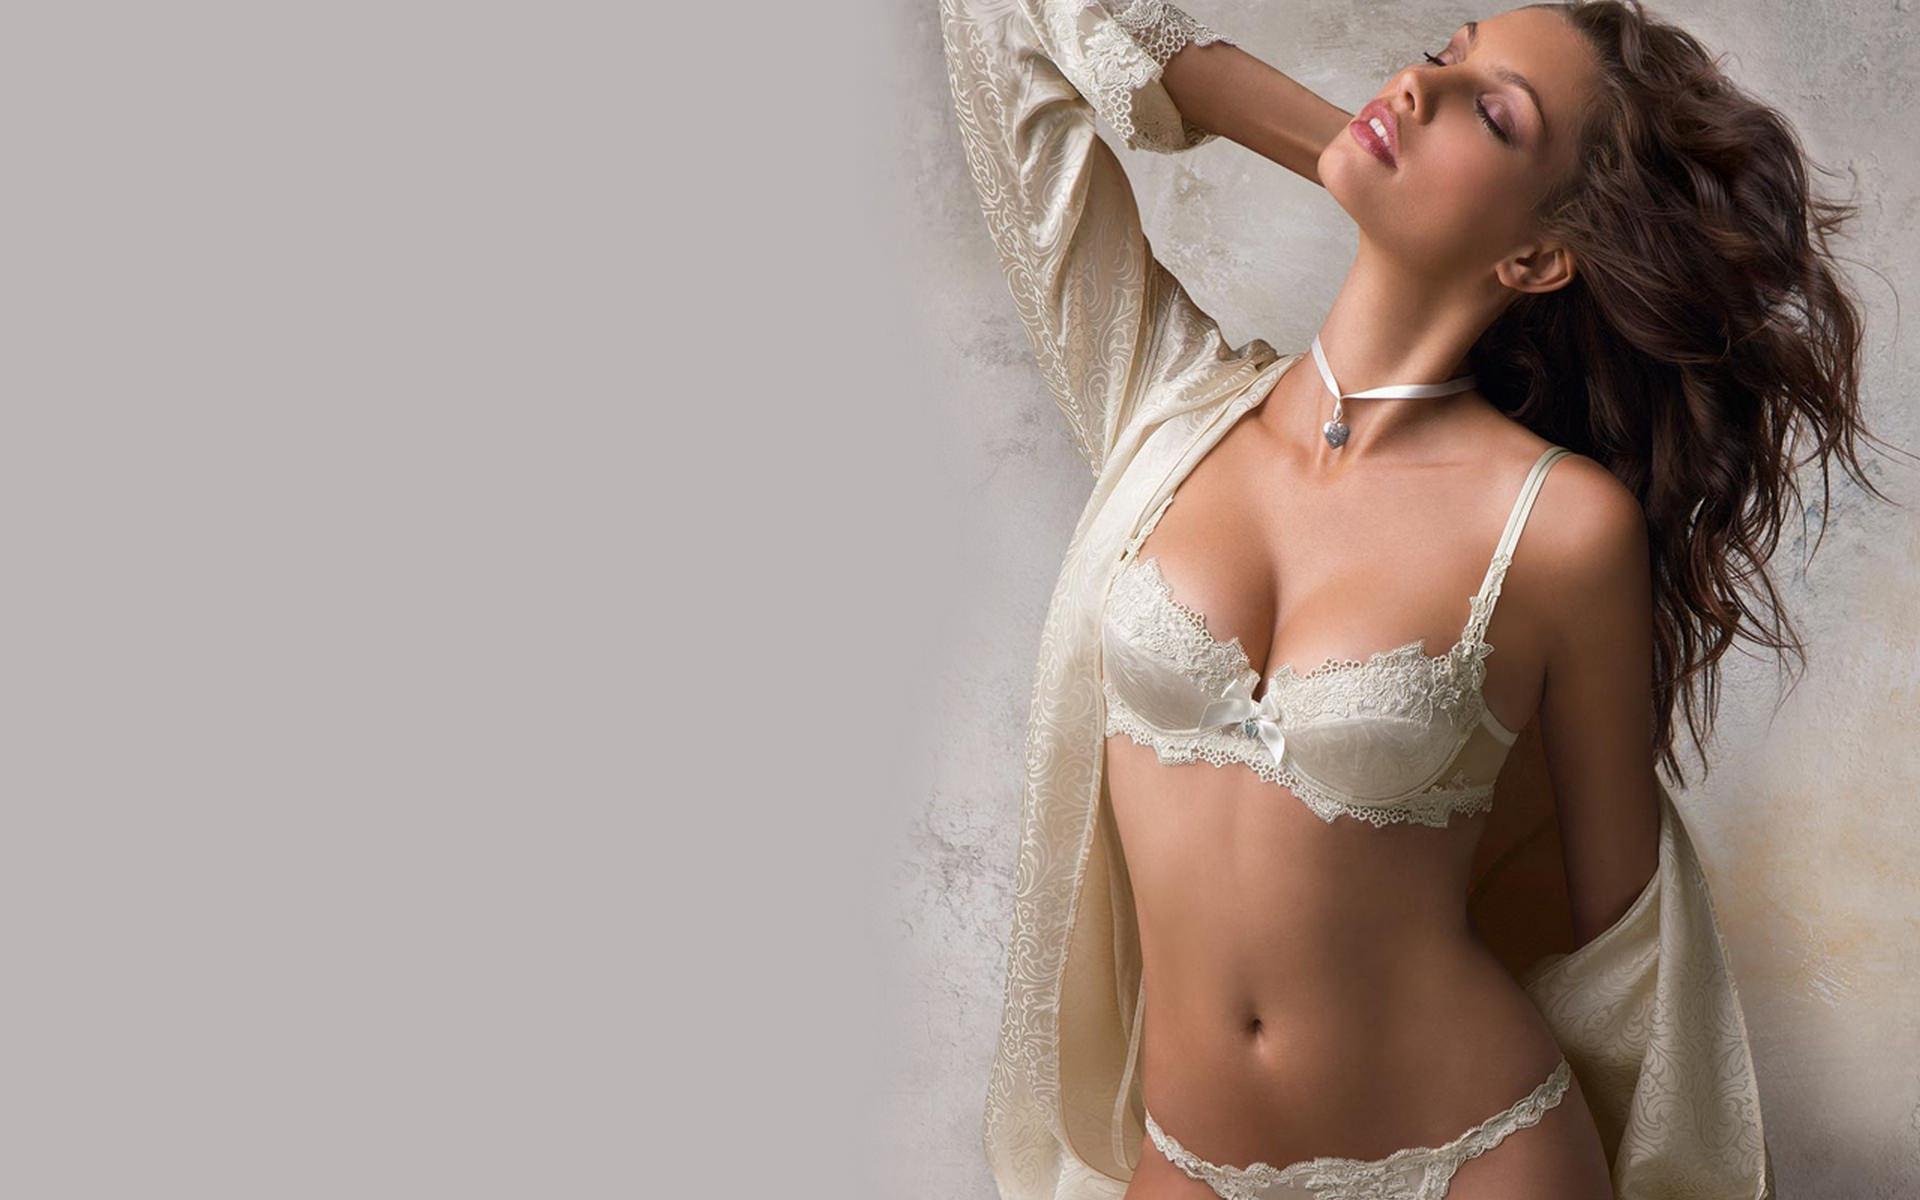 Фото женщины в красивом нижнем белье 17 фотография